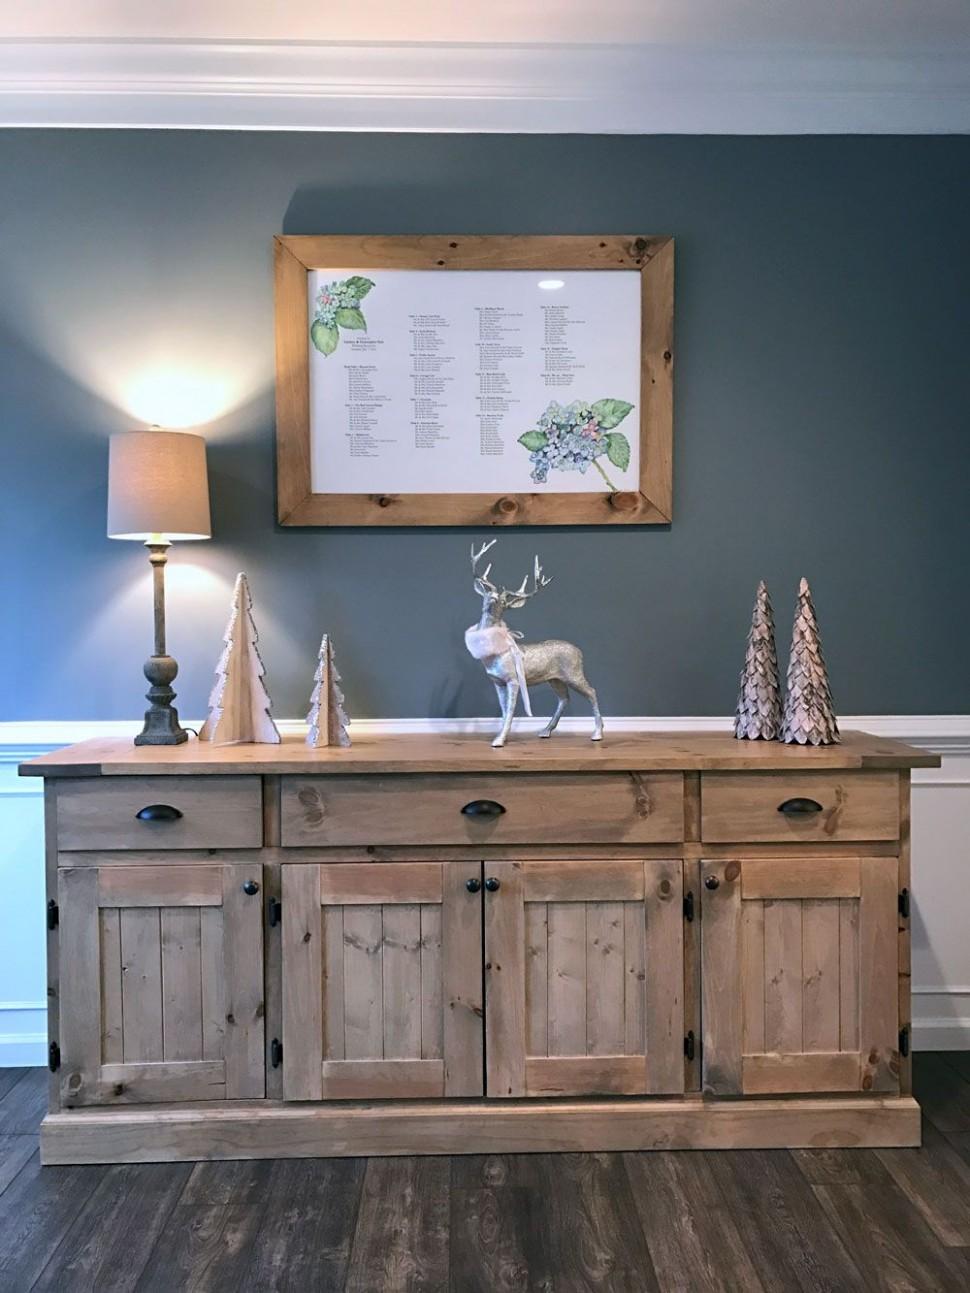 diy dining room sideboard  Dining room buffet, White dining room  - Dining Room Sideboard Ideas